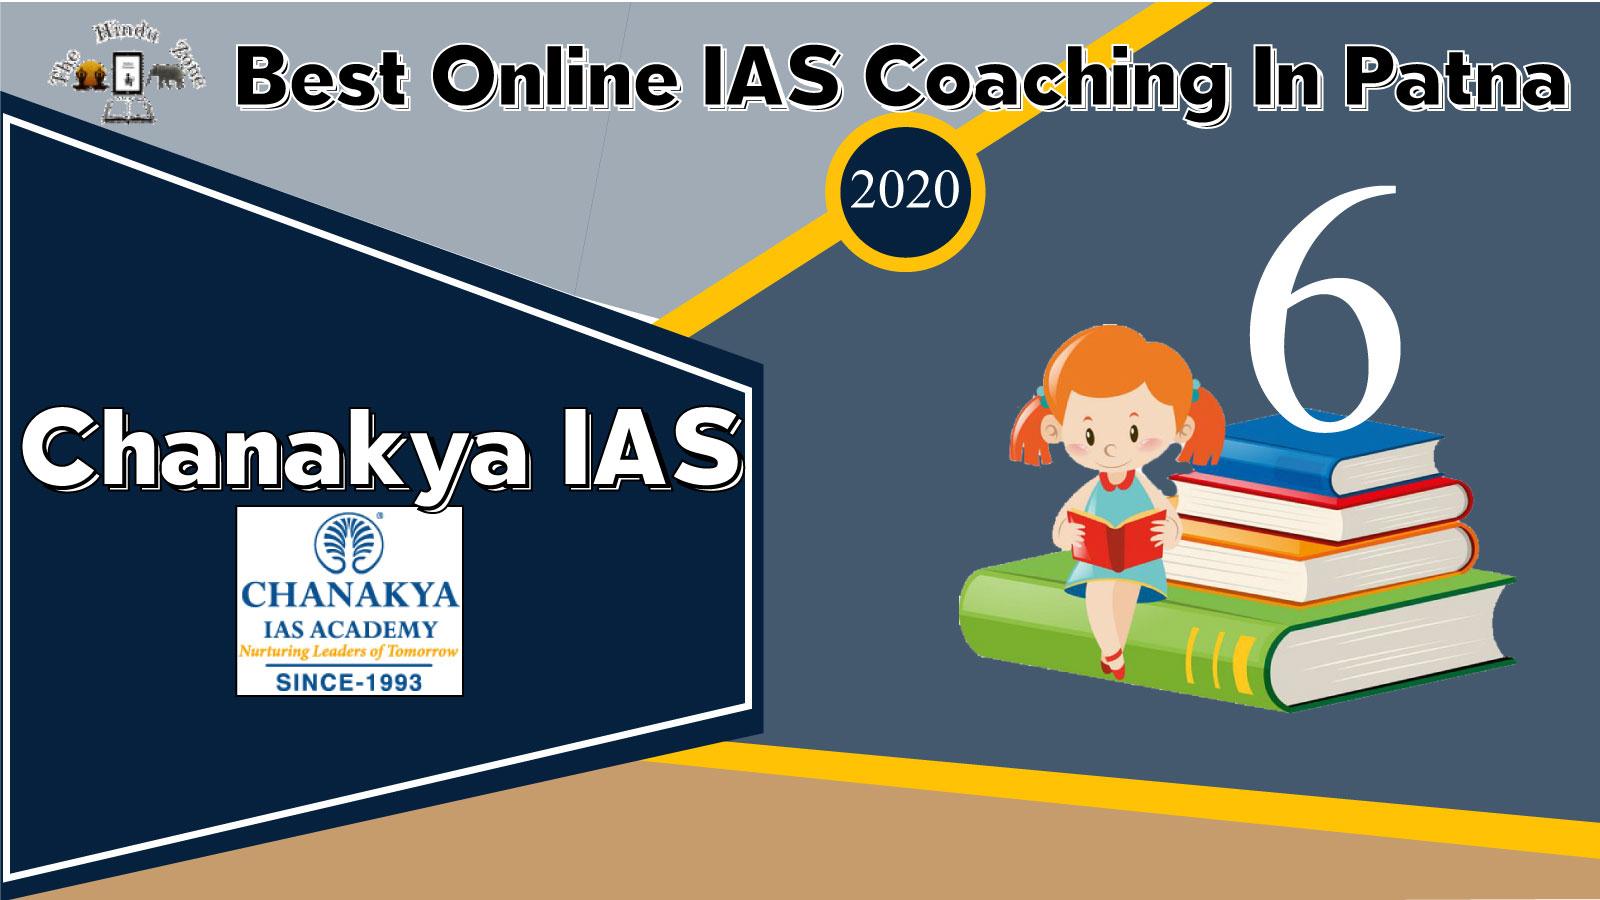 Chanakya IAS Online Coaching In Patna